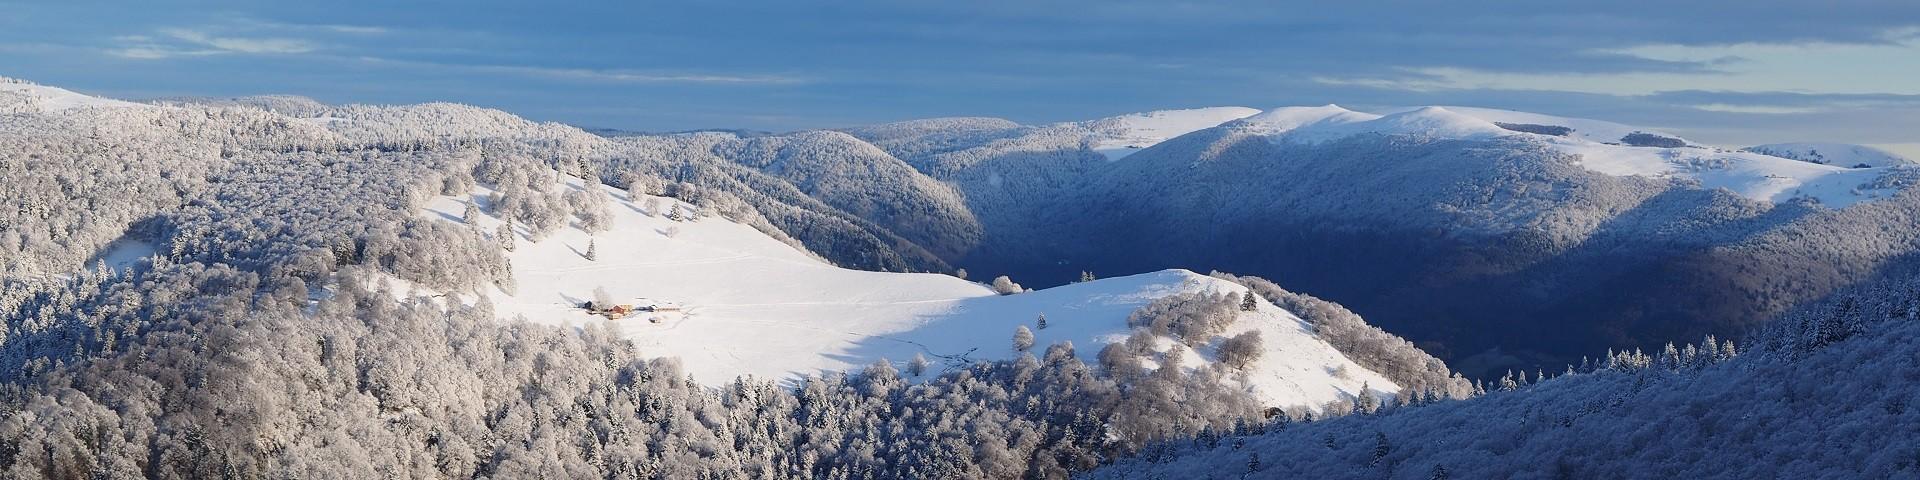 neige195-001-dominique-steinel-jpg-montagne-2132